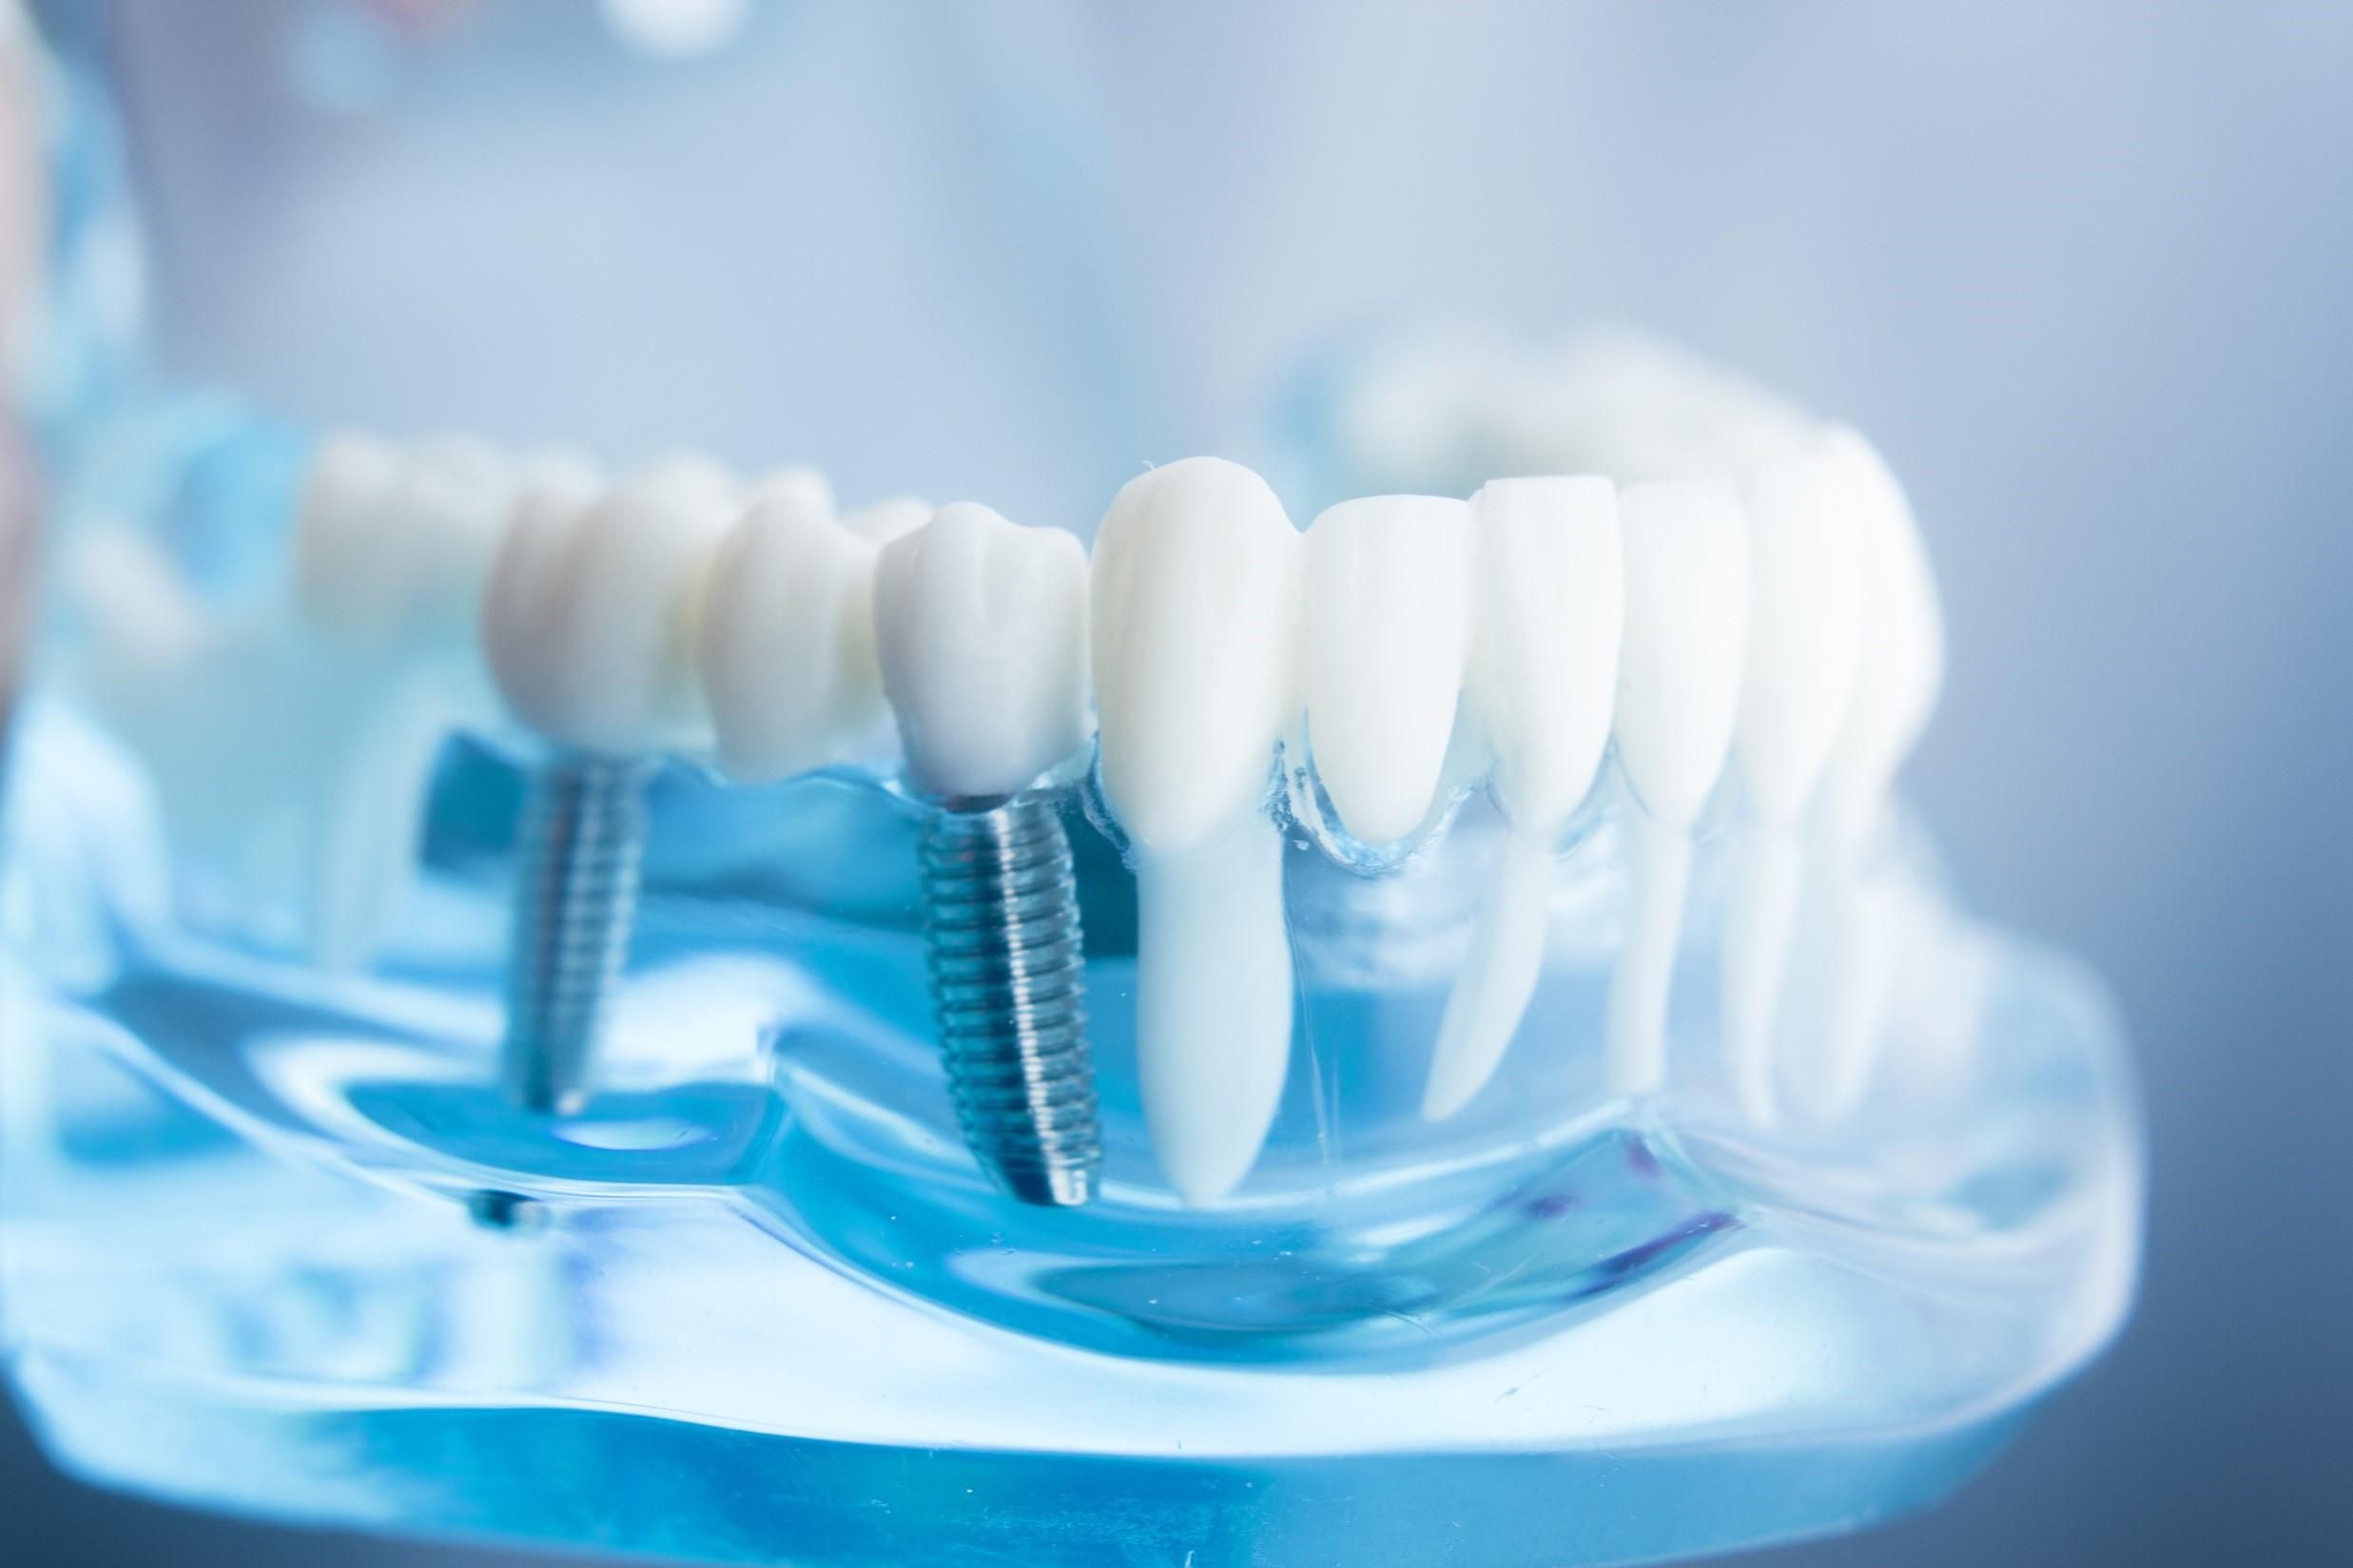 exemplo de prótese dentárias